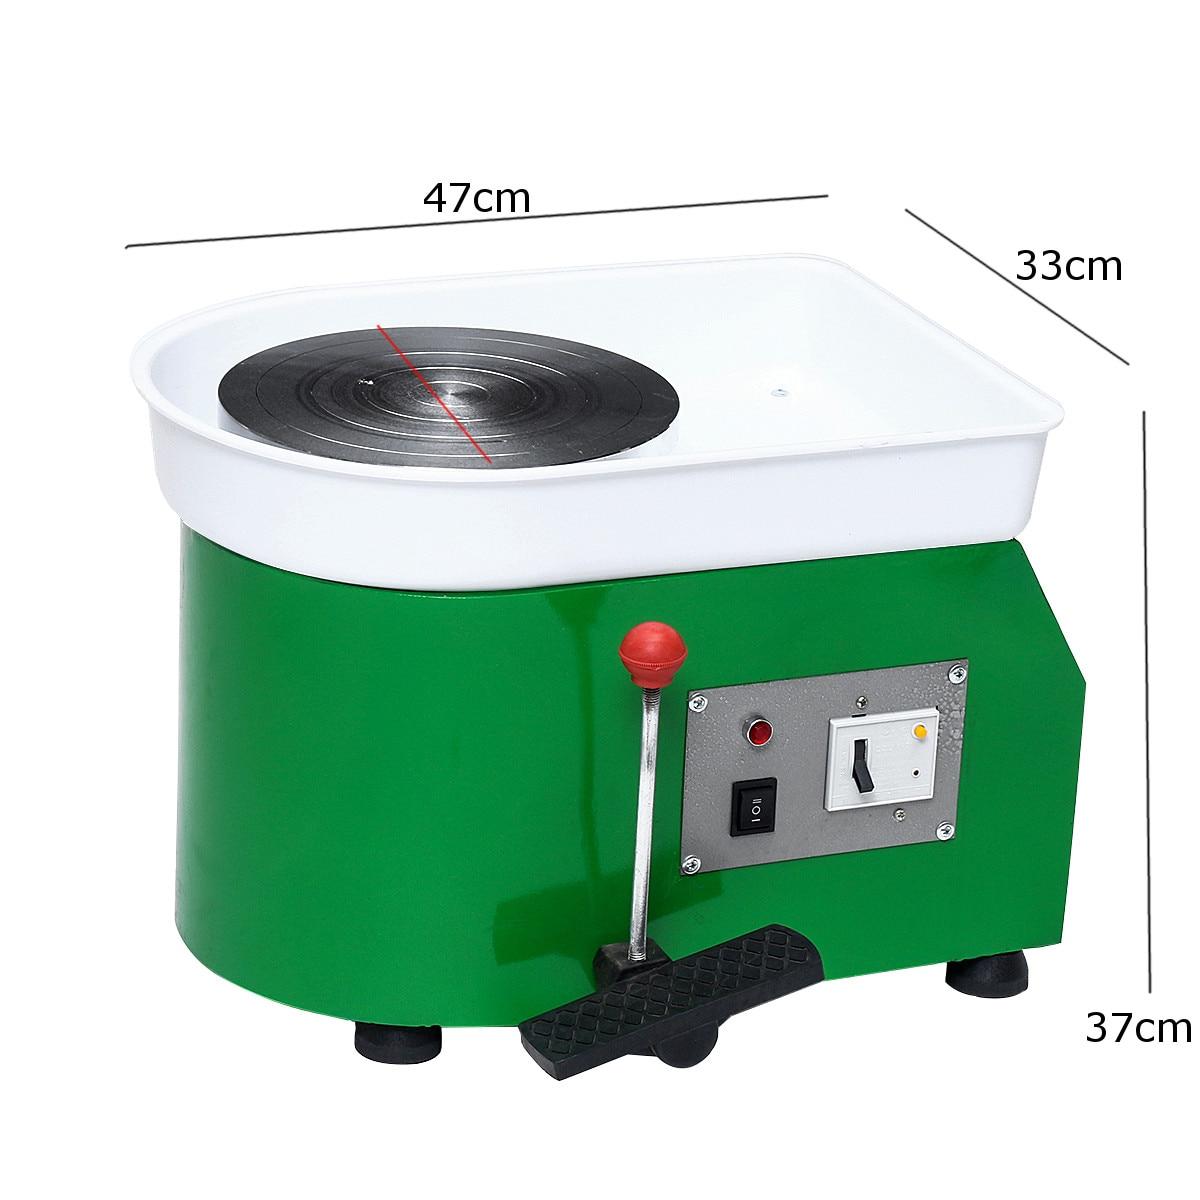 220 V 250 W 250mm tournant la roue de poterie électrique en céramique Machine en céramique argile potier Kit pour céramique de travail en céramique - 5